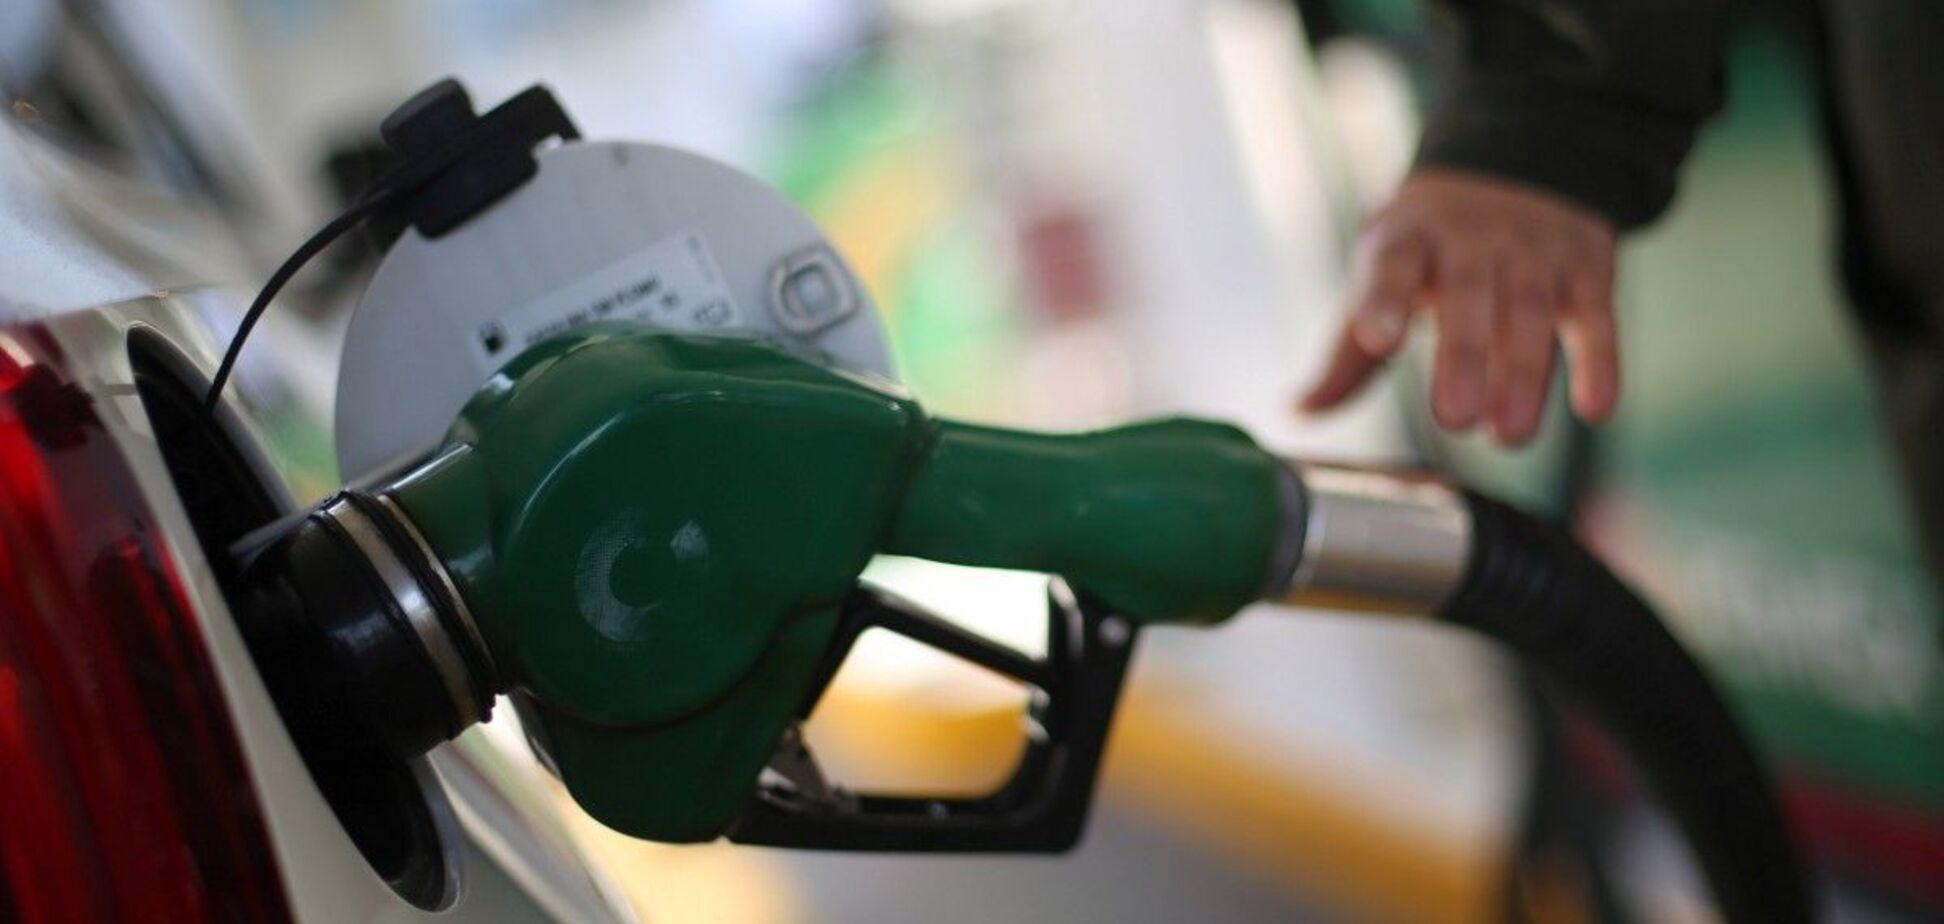 Цены на бензин упадут еще сильнее: АМКУ озвучил смелый прогноз